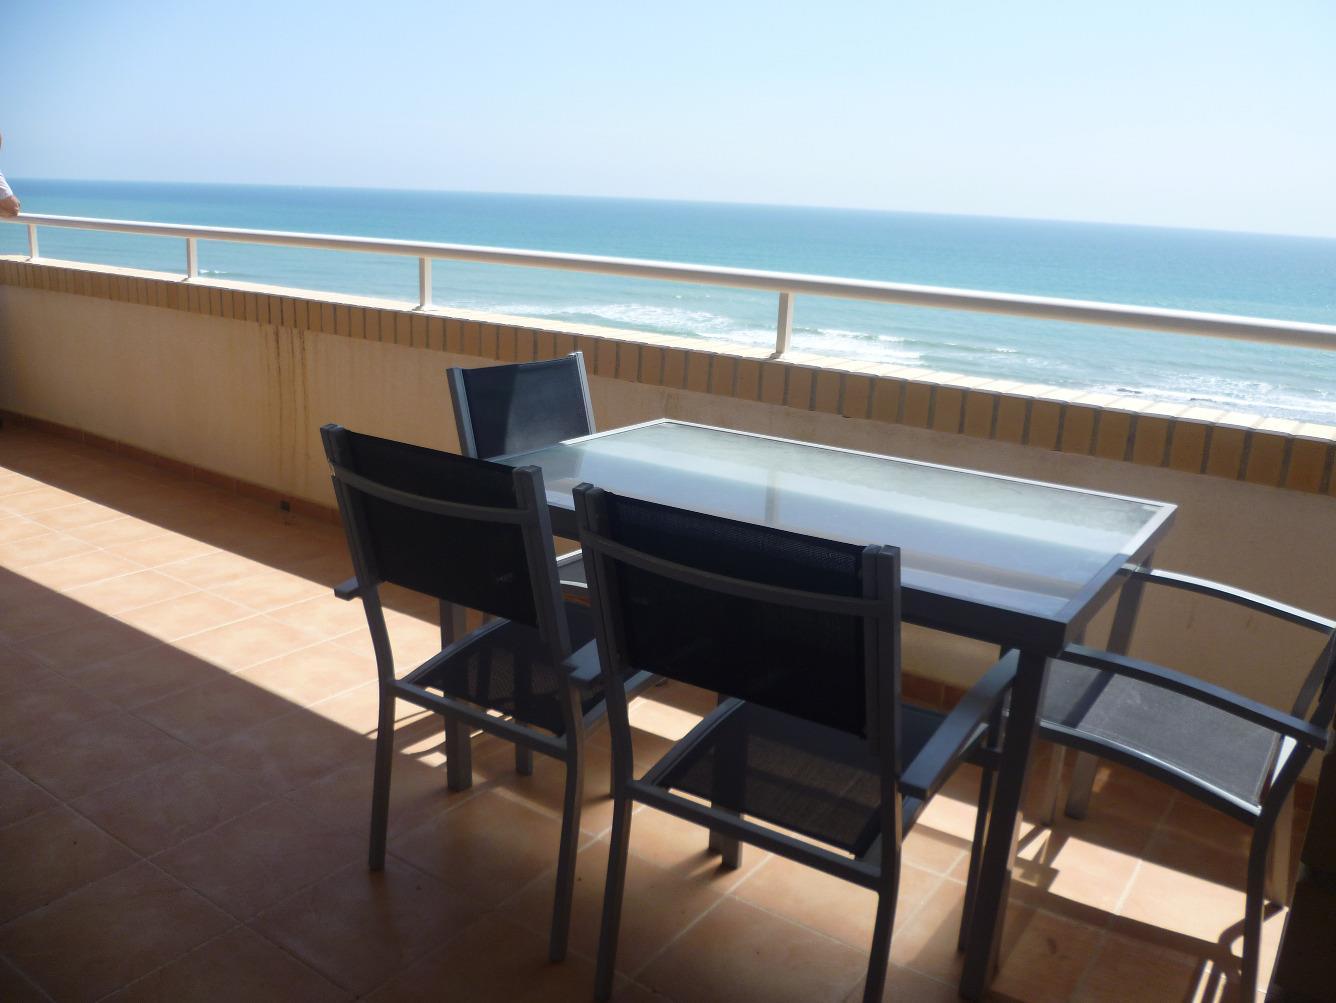 Lloguer de temporada Pis  Oropesa del mar / orpesa - marina d'or. Oportunidad!!!apartamento en marina d'or. espectacular apartamen